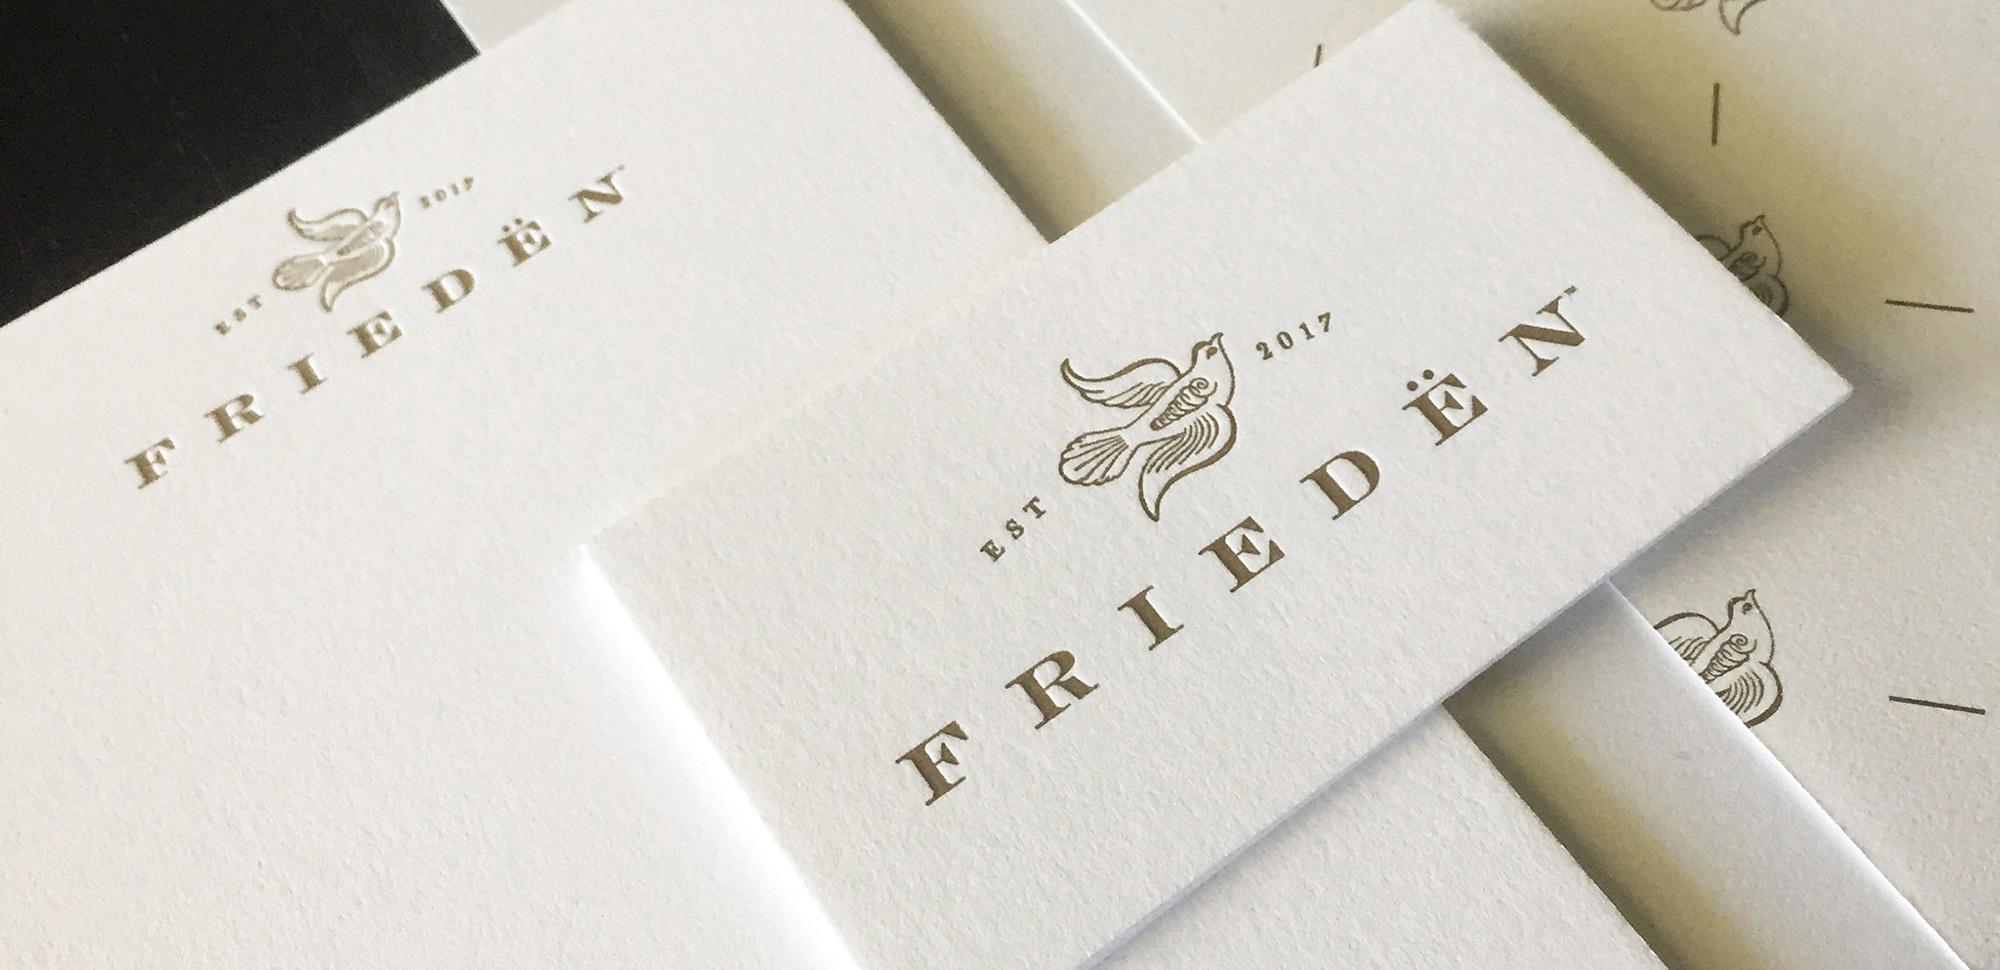 Detail of Frieden business card.